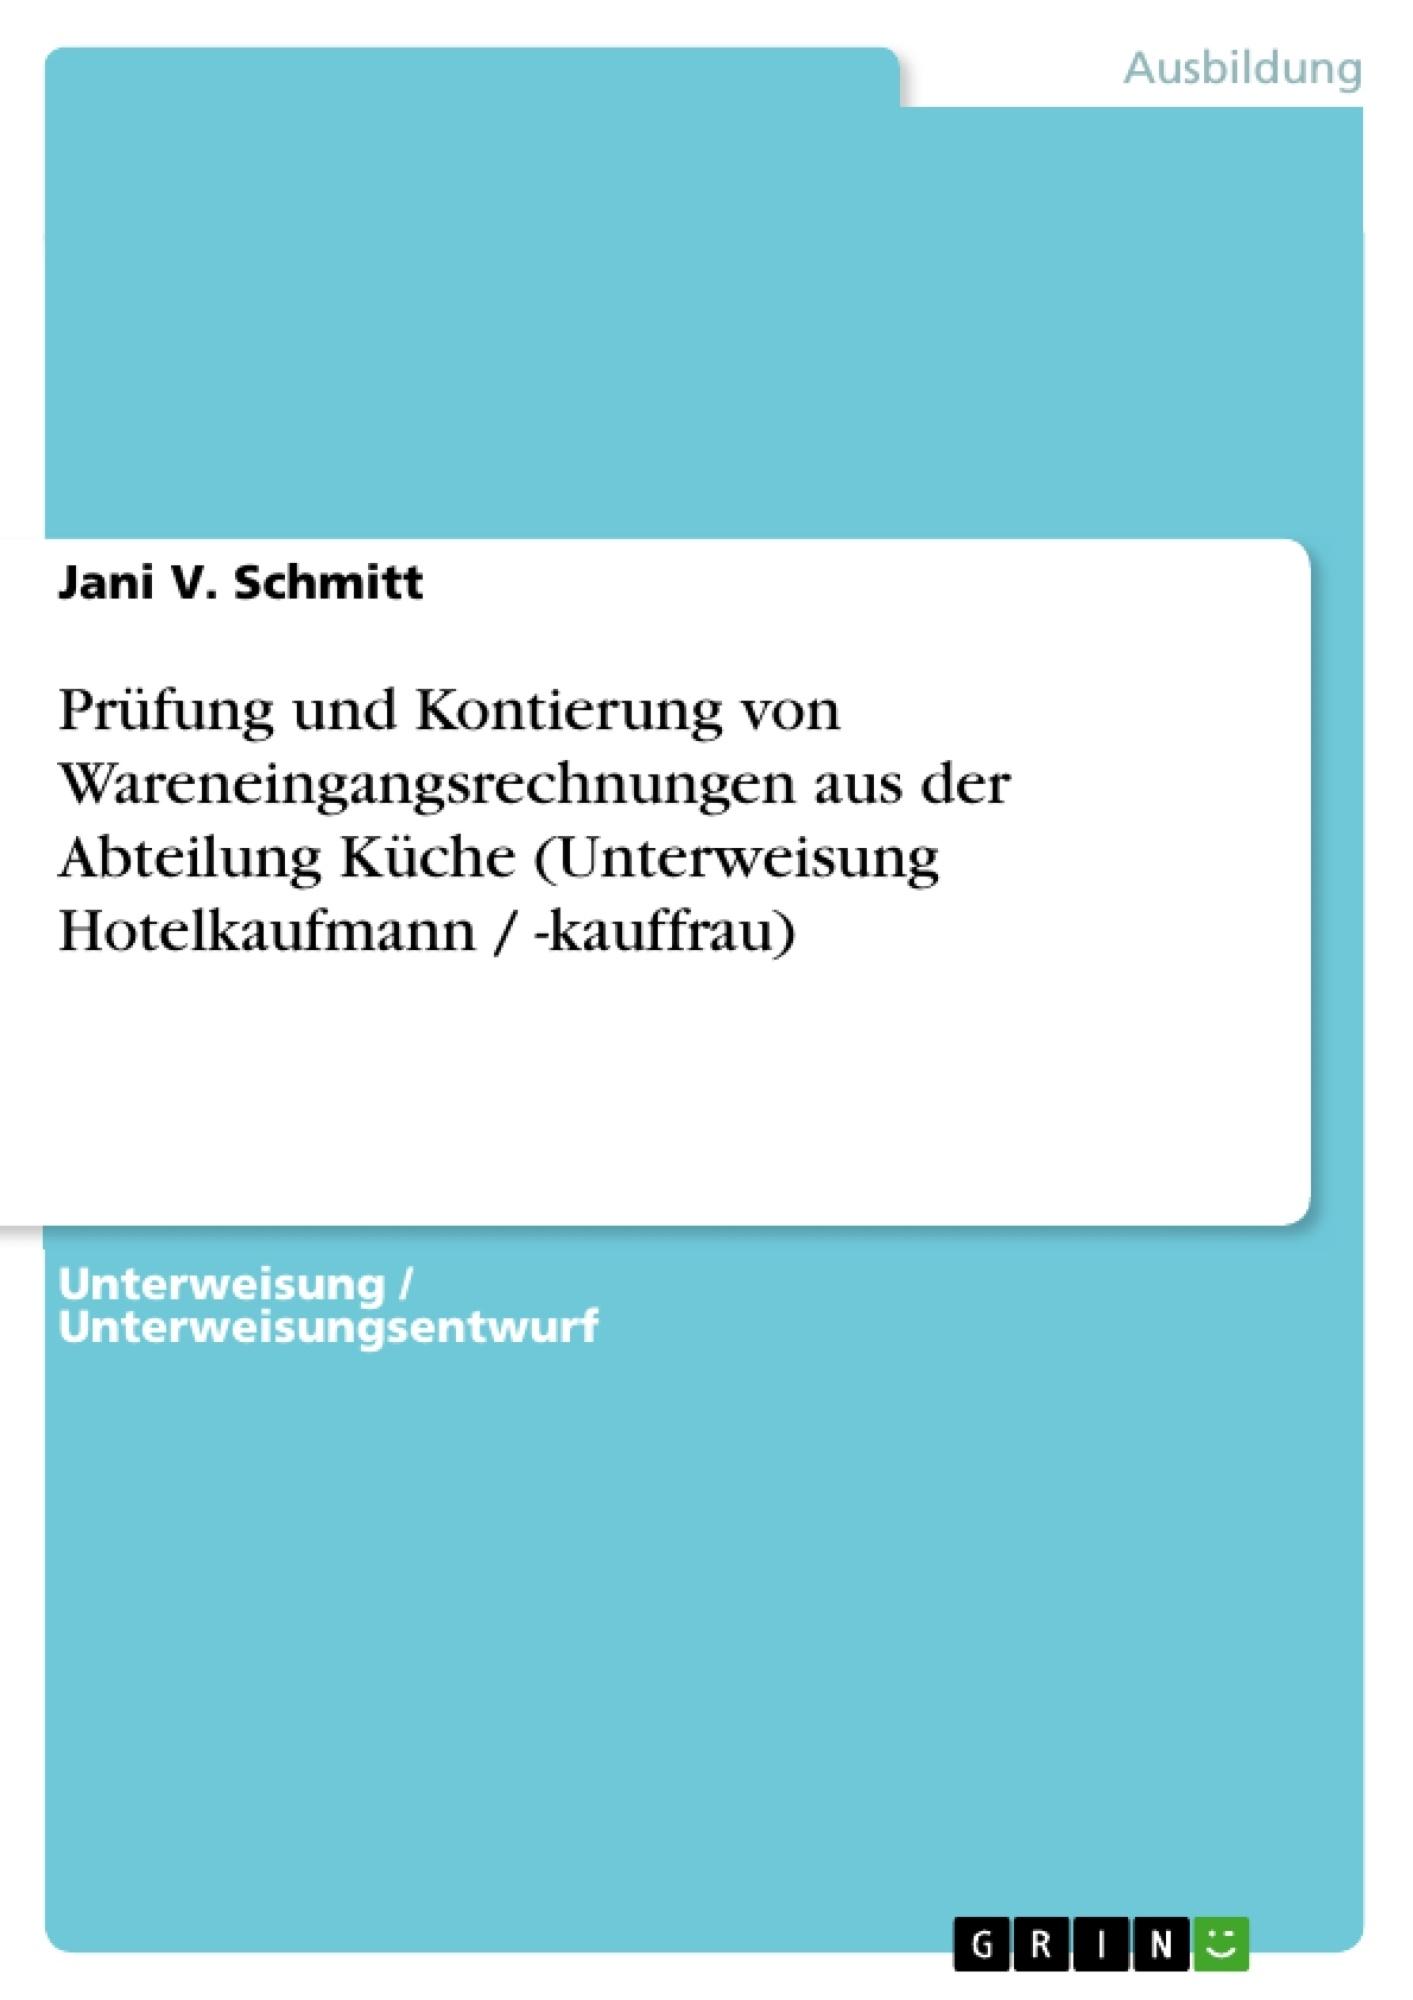 Titel: Prüfung und Kontierung von Wareneingangsrechnungen aus der Abteilung Küche (Unterweisung Hotelkaufmann / -kauffrau)